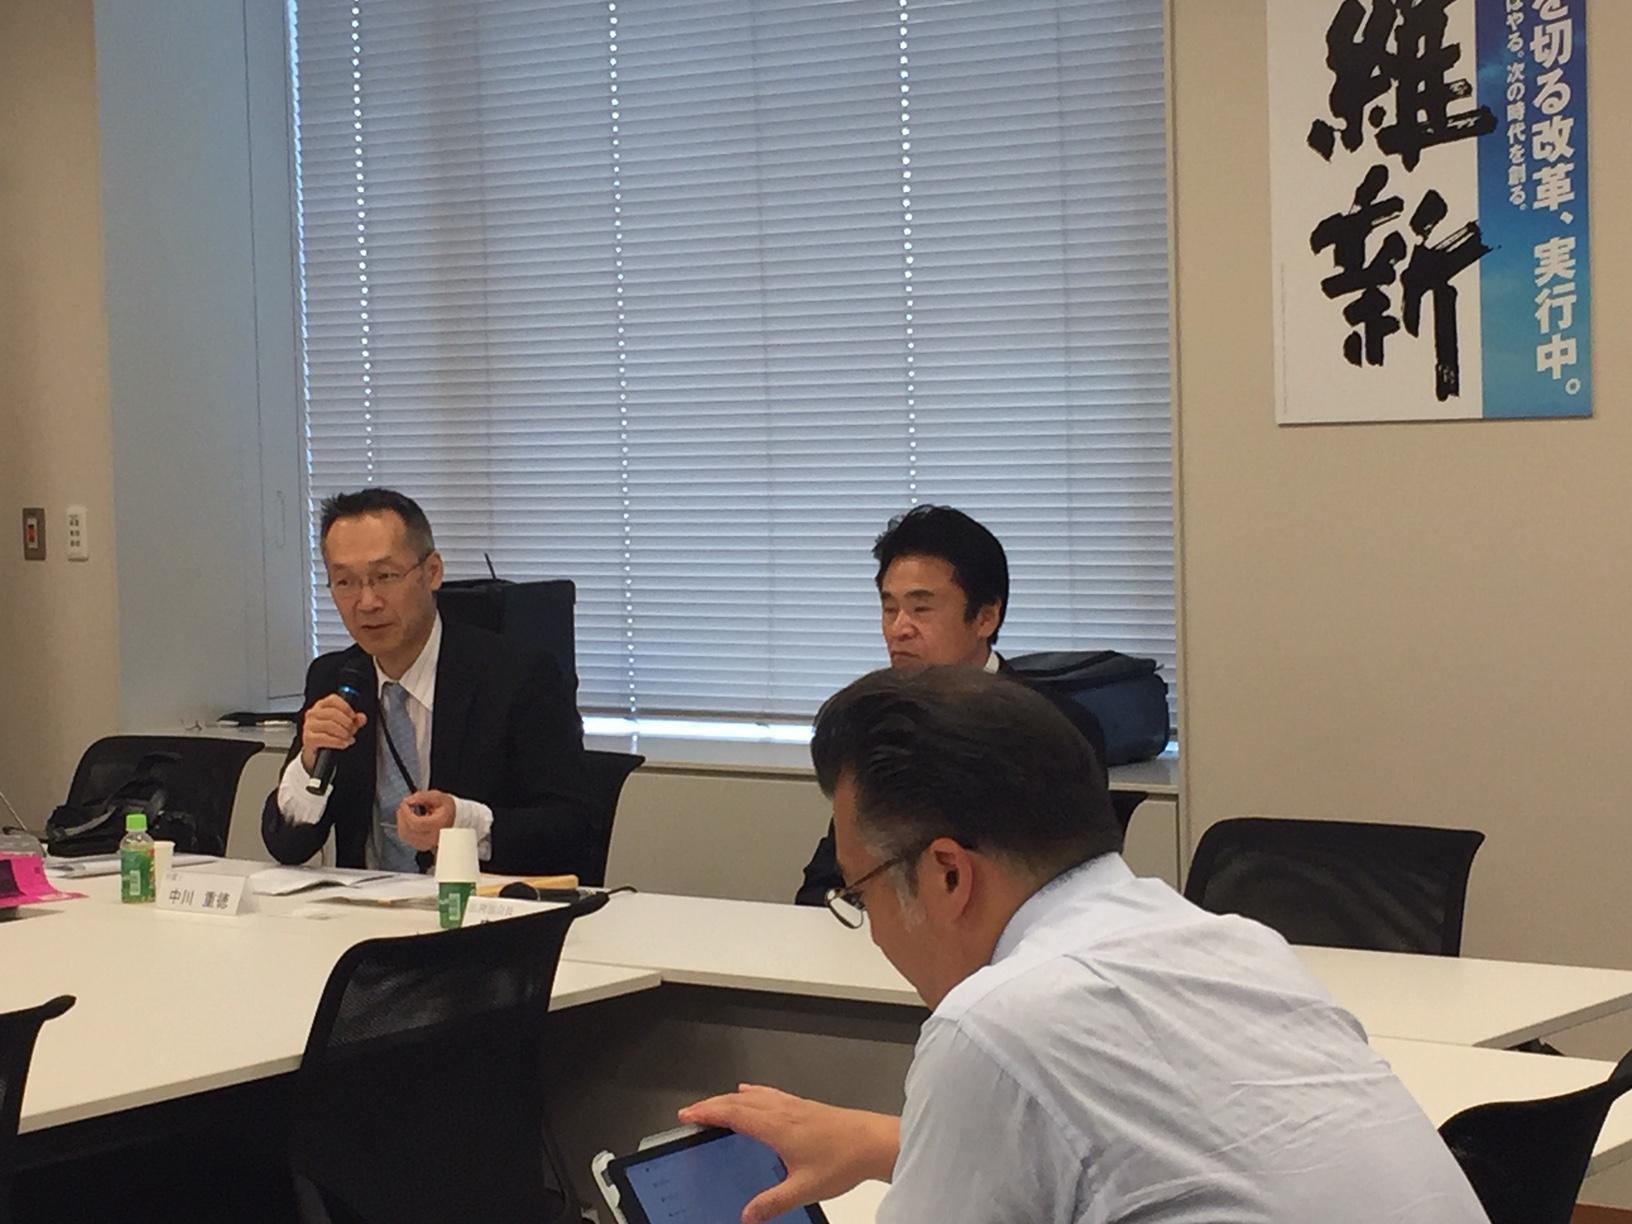 2019年4月23日(火) 日本維新の会政調会 役員会並びに勉強会(「同性婚」について)開催のお知らせ